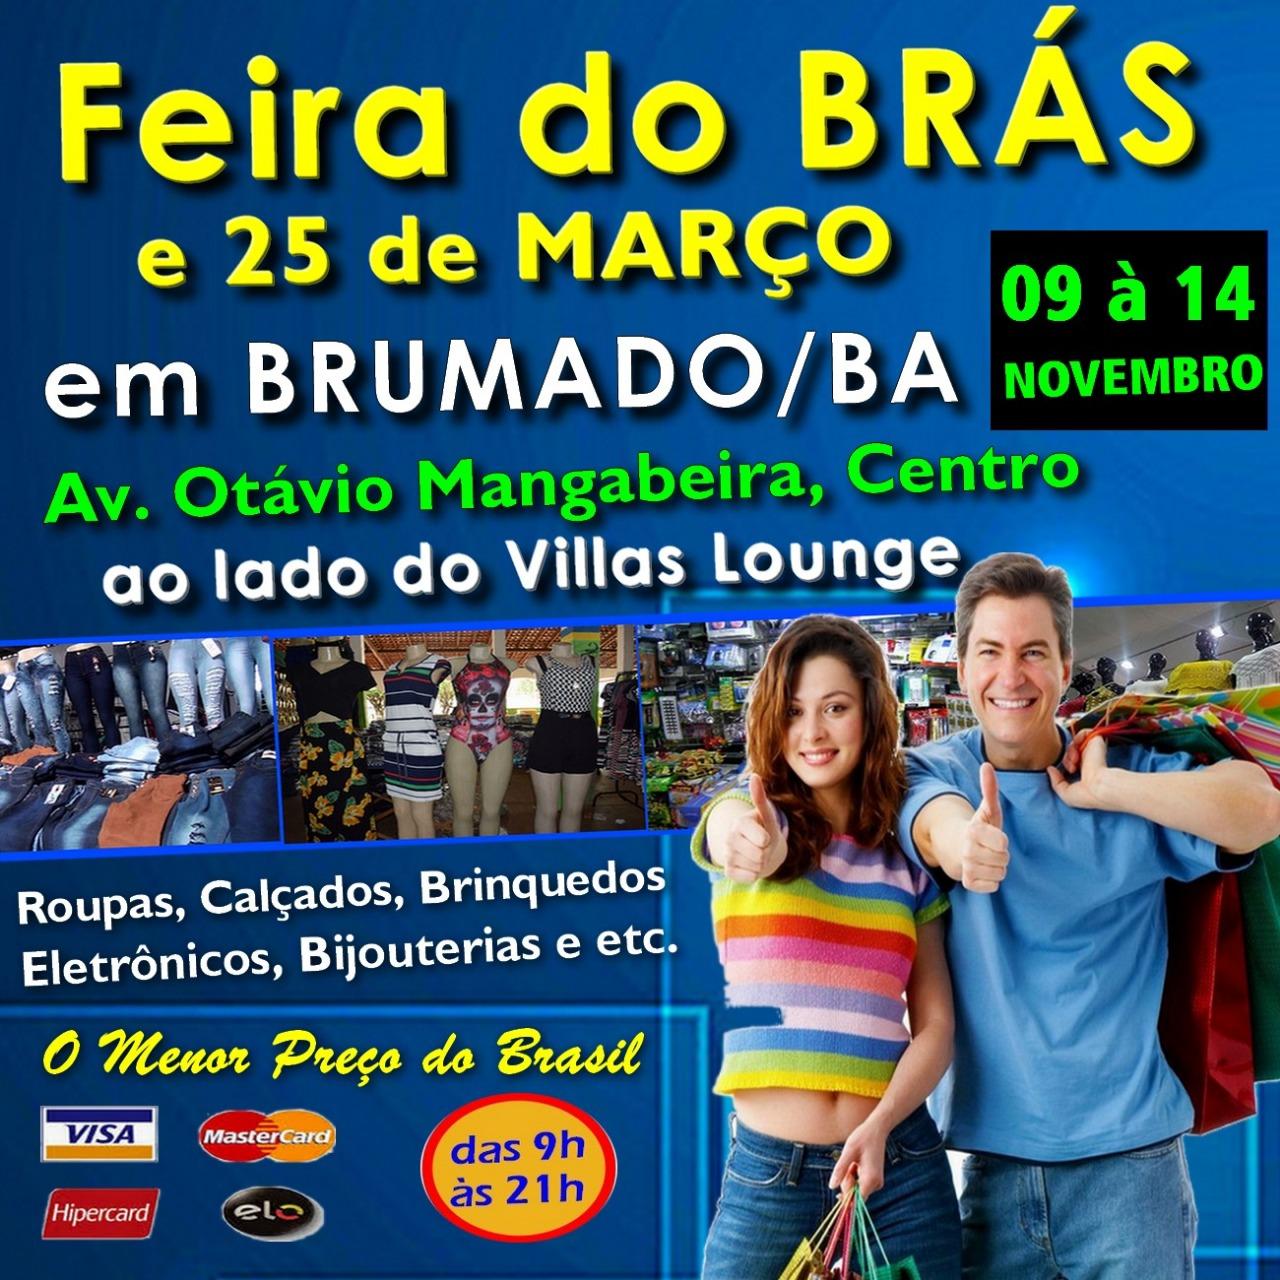 Economize: Faça suas compras na Feira do Brás e 25 de Março